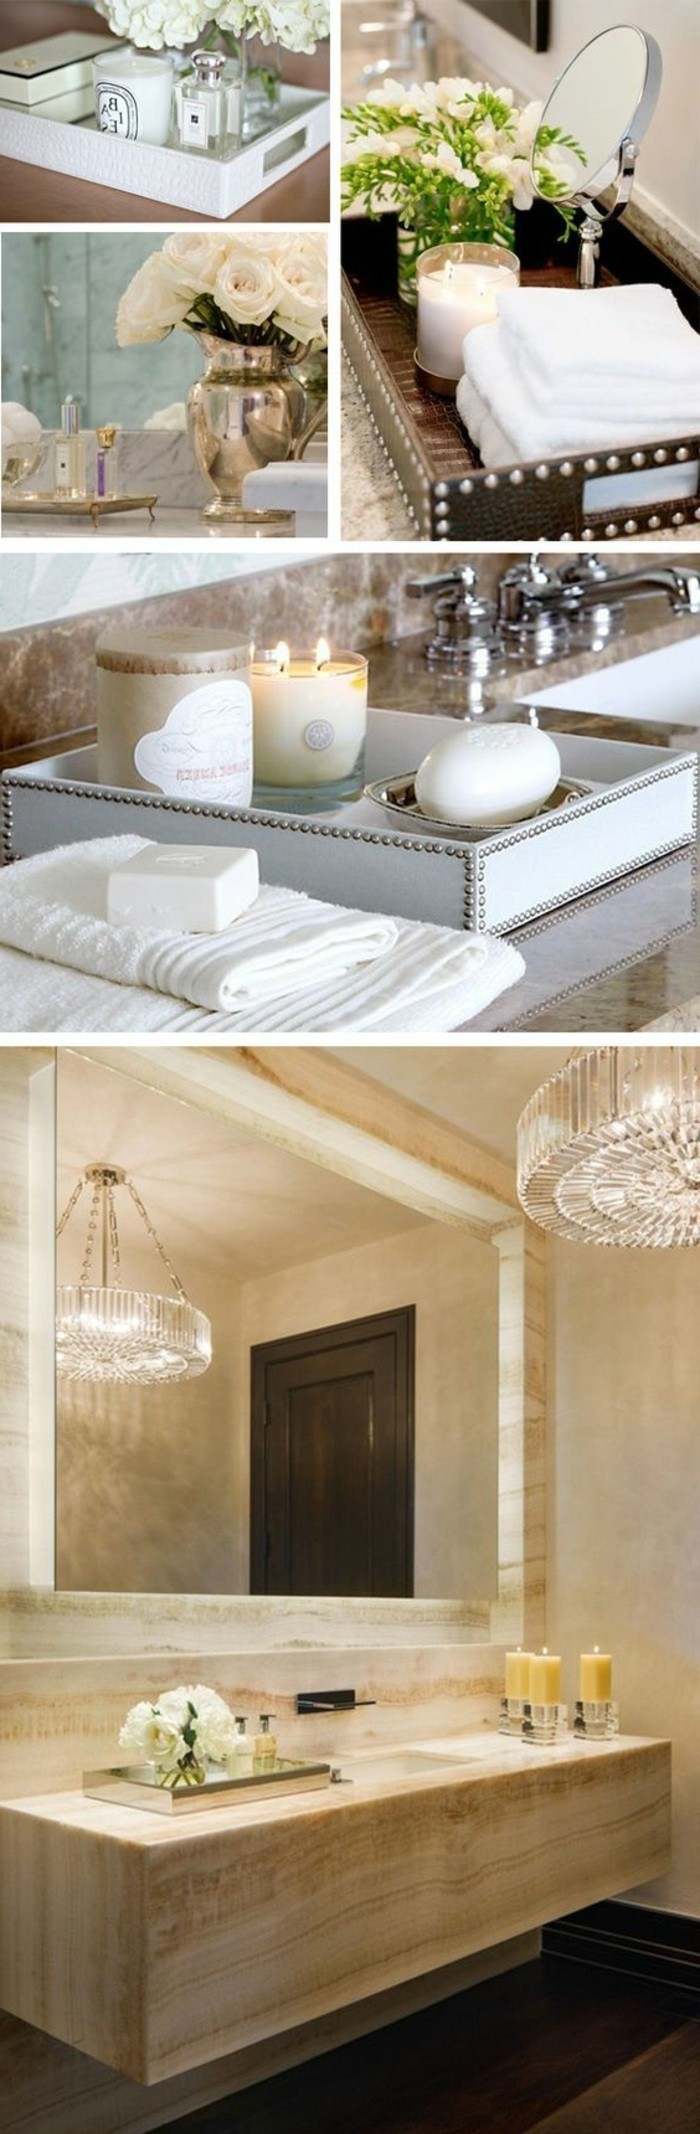 1001 + Ideen für eine stilvolle und moderne Badezimmer Deko